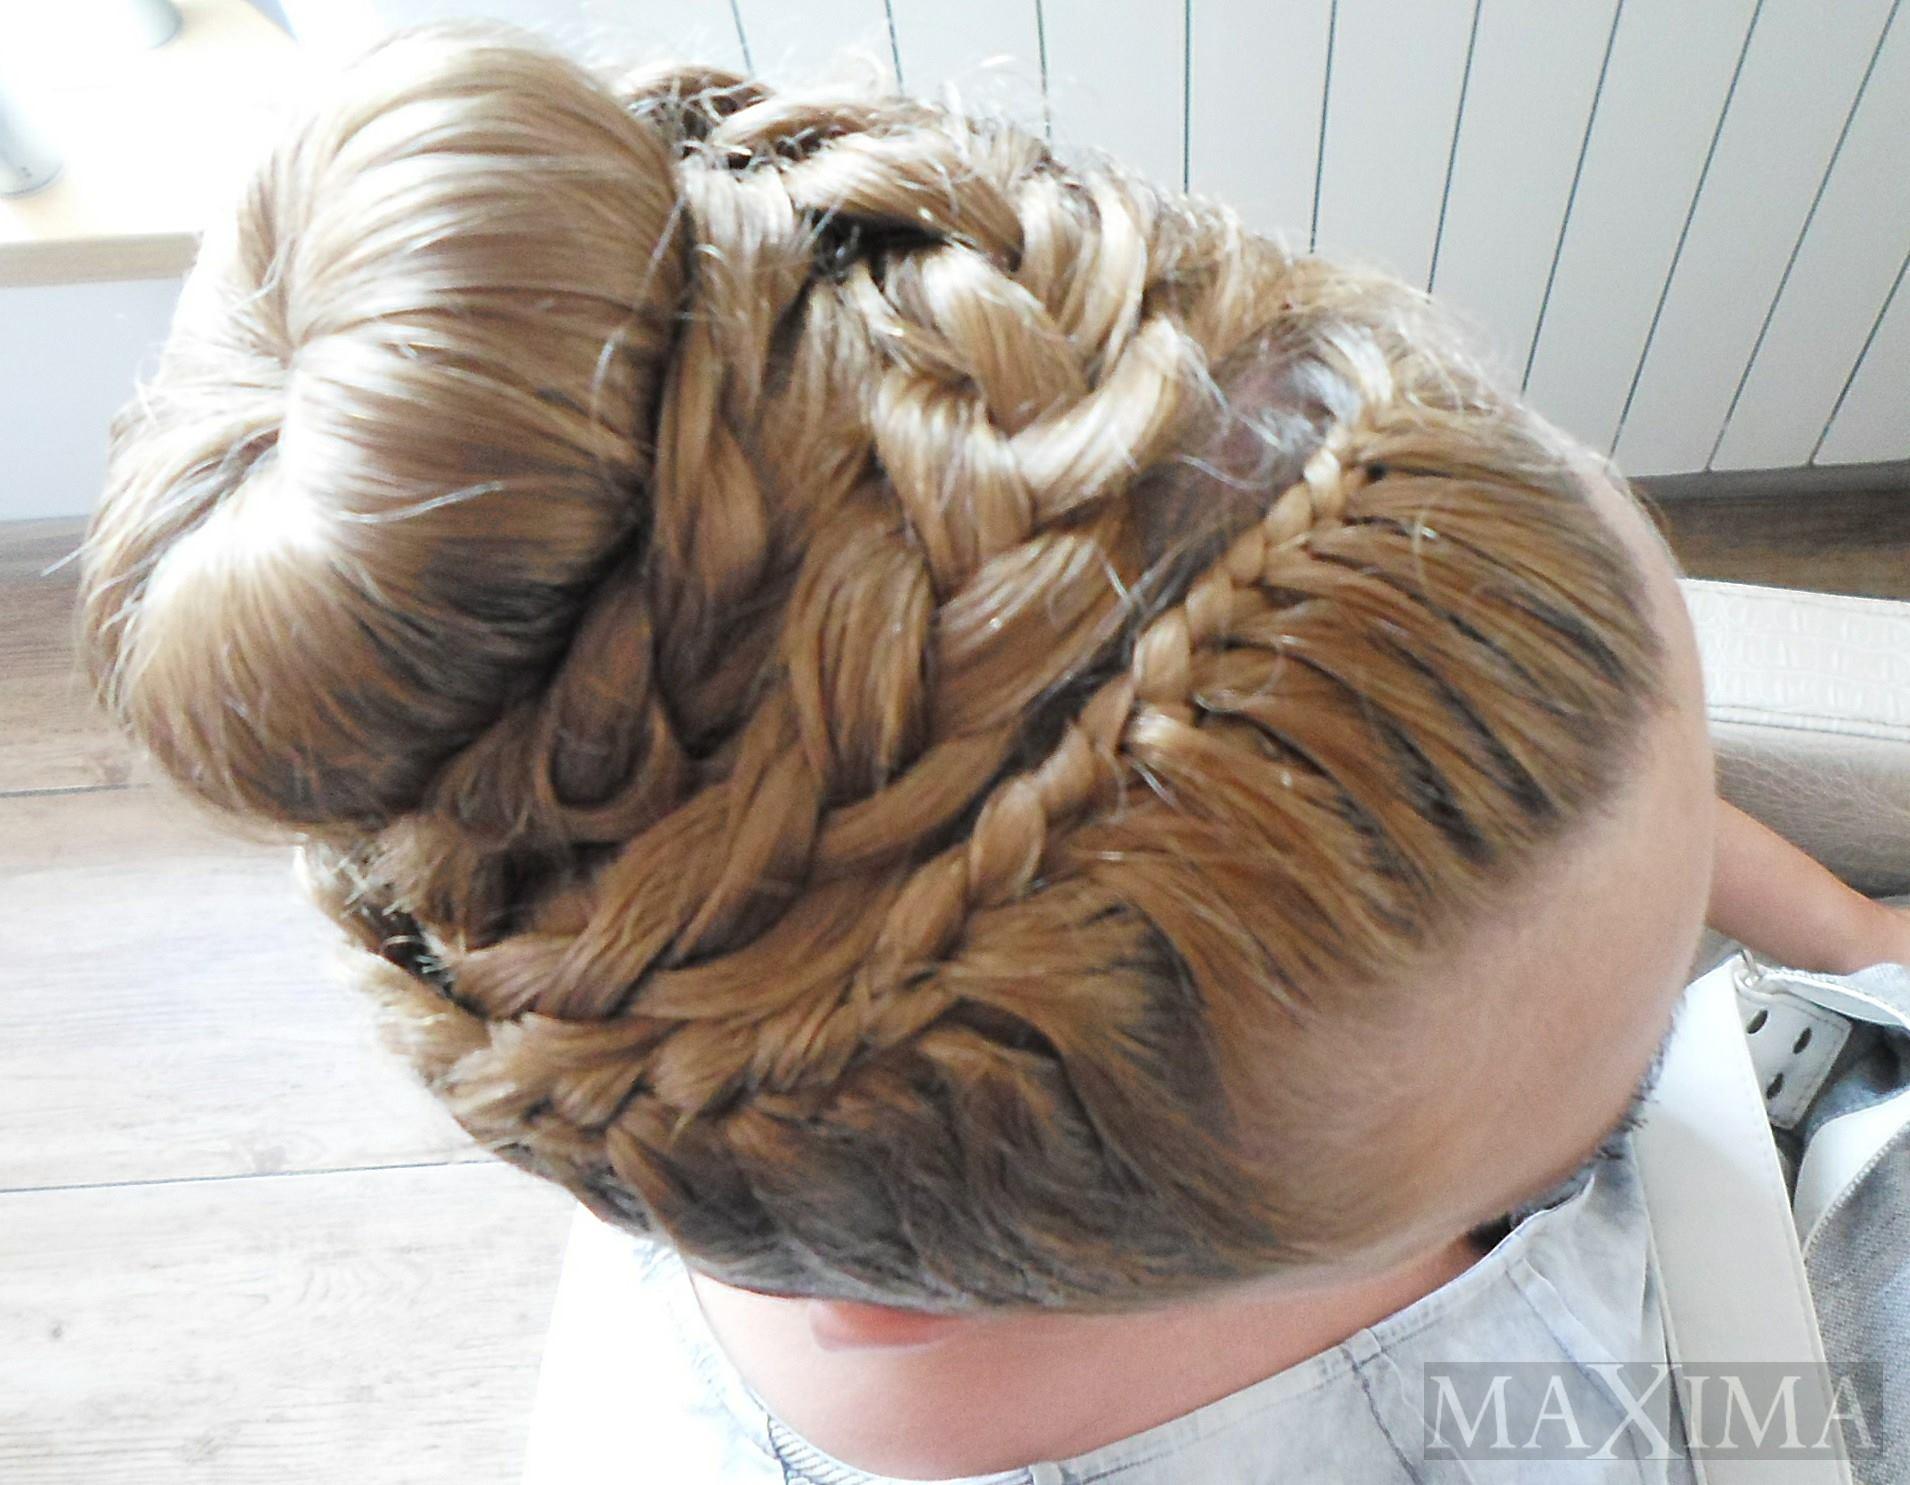 najlepszy fryzjer płock